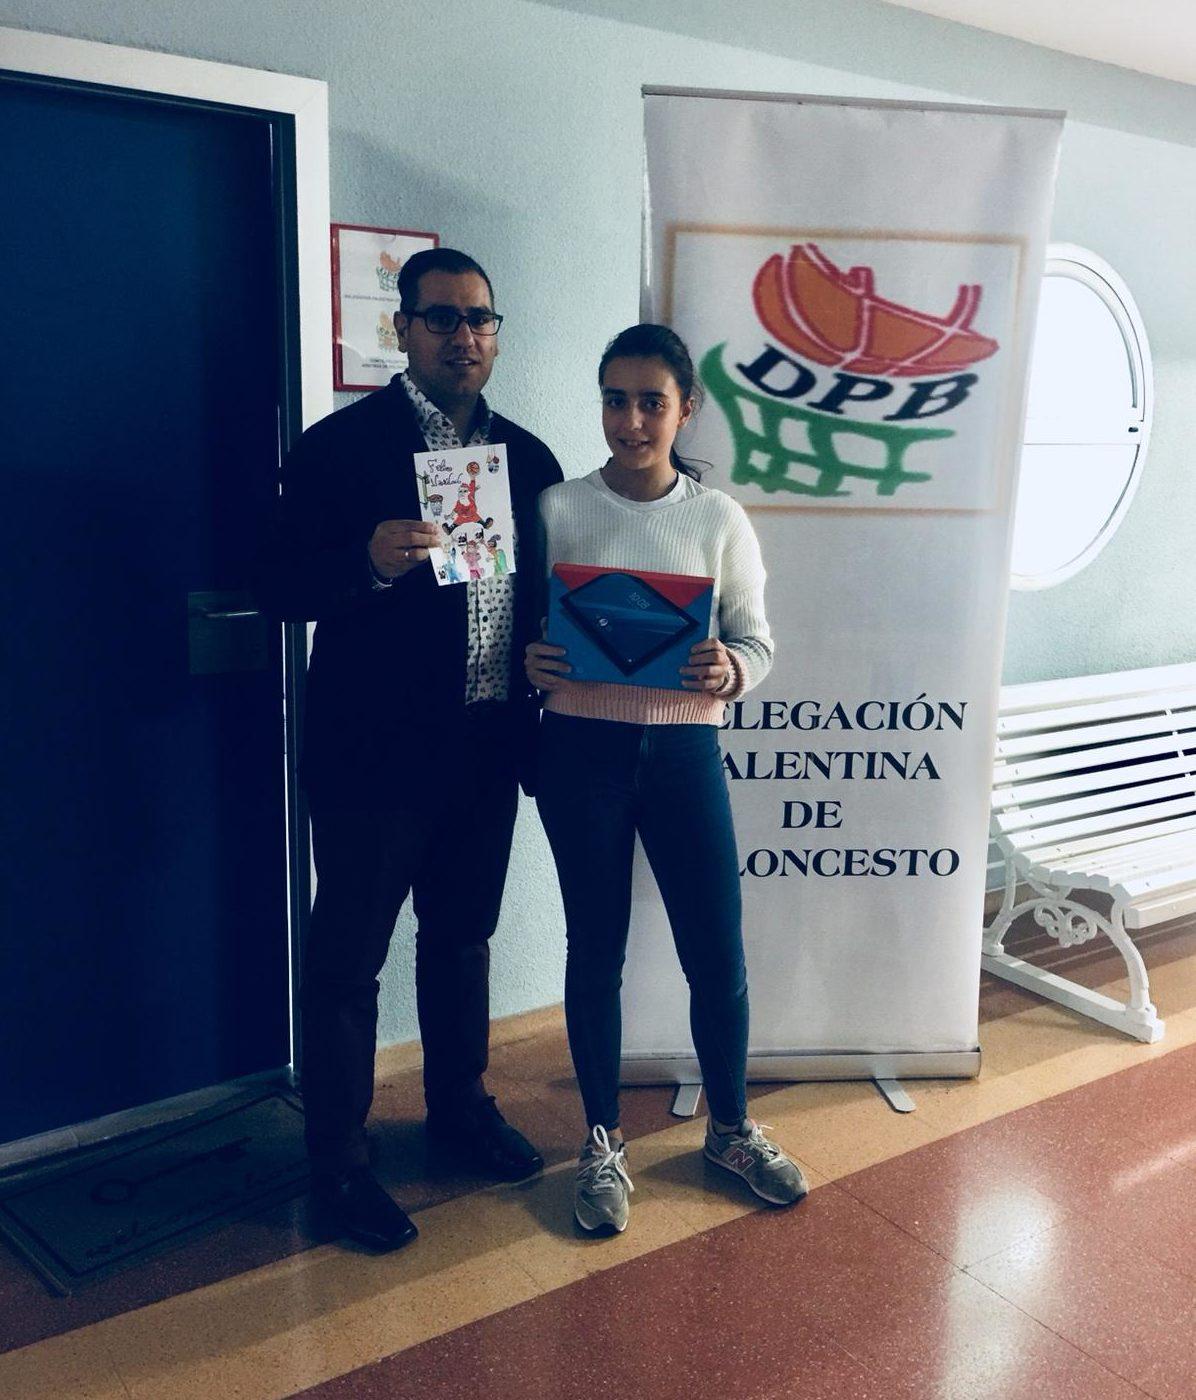 Ganadora del primer premio del Concurso de postales navideñas de la delegación palentina de baloncesto